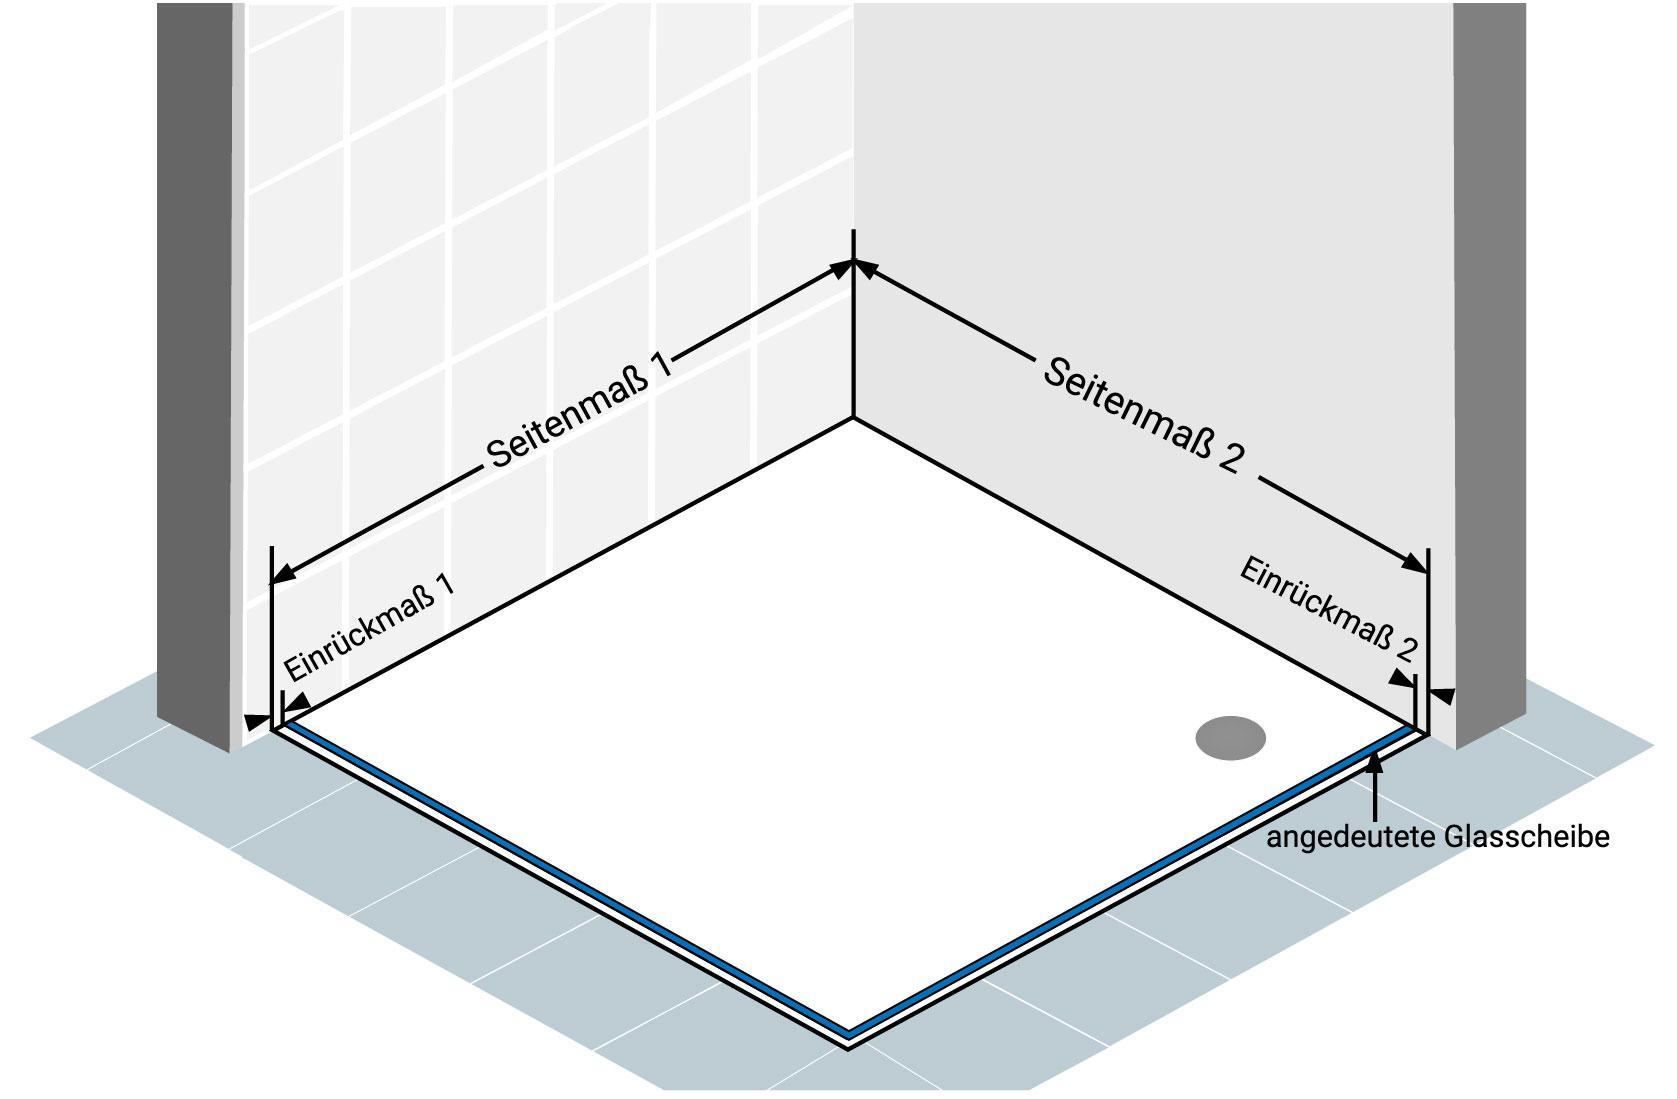 Abbildung 5 - Eckdusche-Aufmass